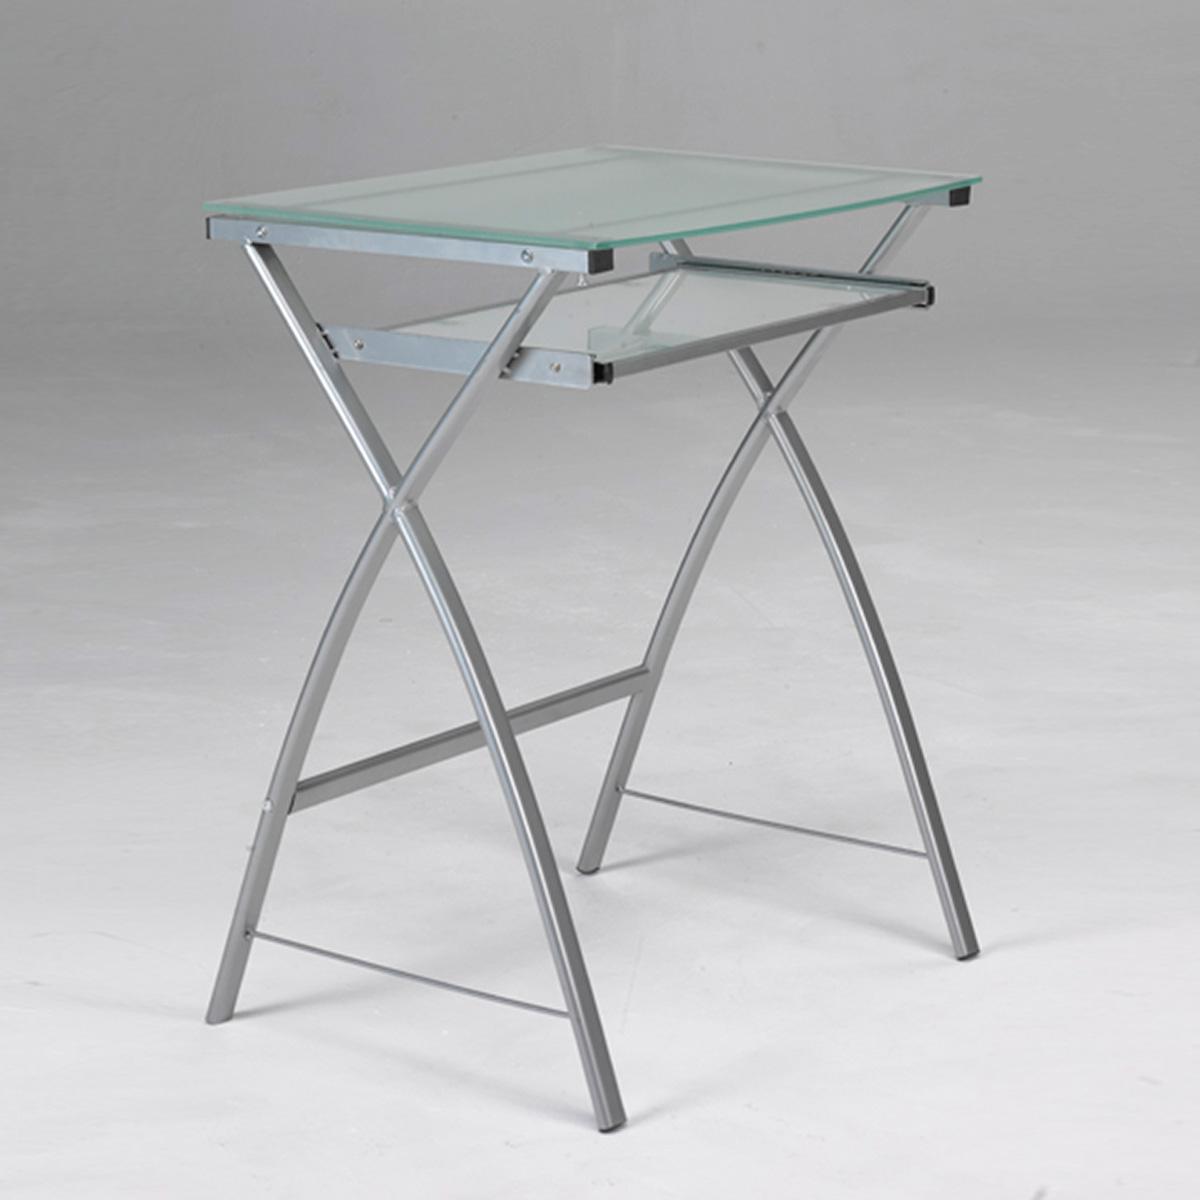 Mesa ordenador cristal portateclado muebles baratos online - Mesas de ordenador baratas online ...